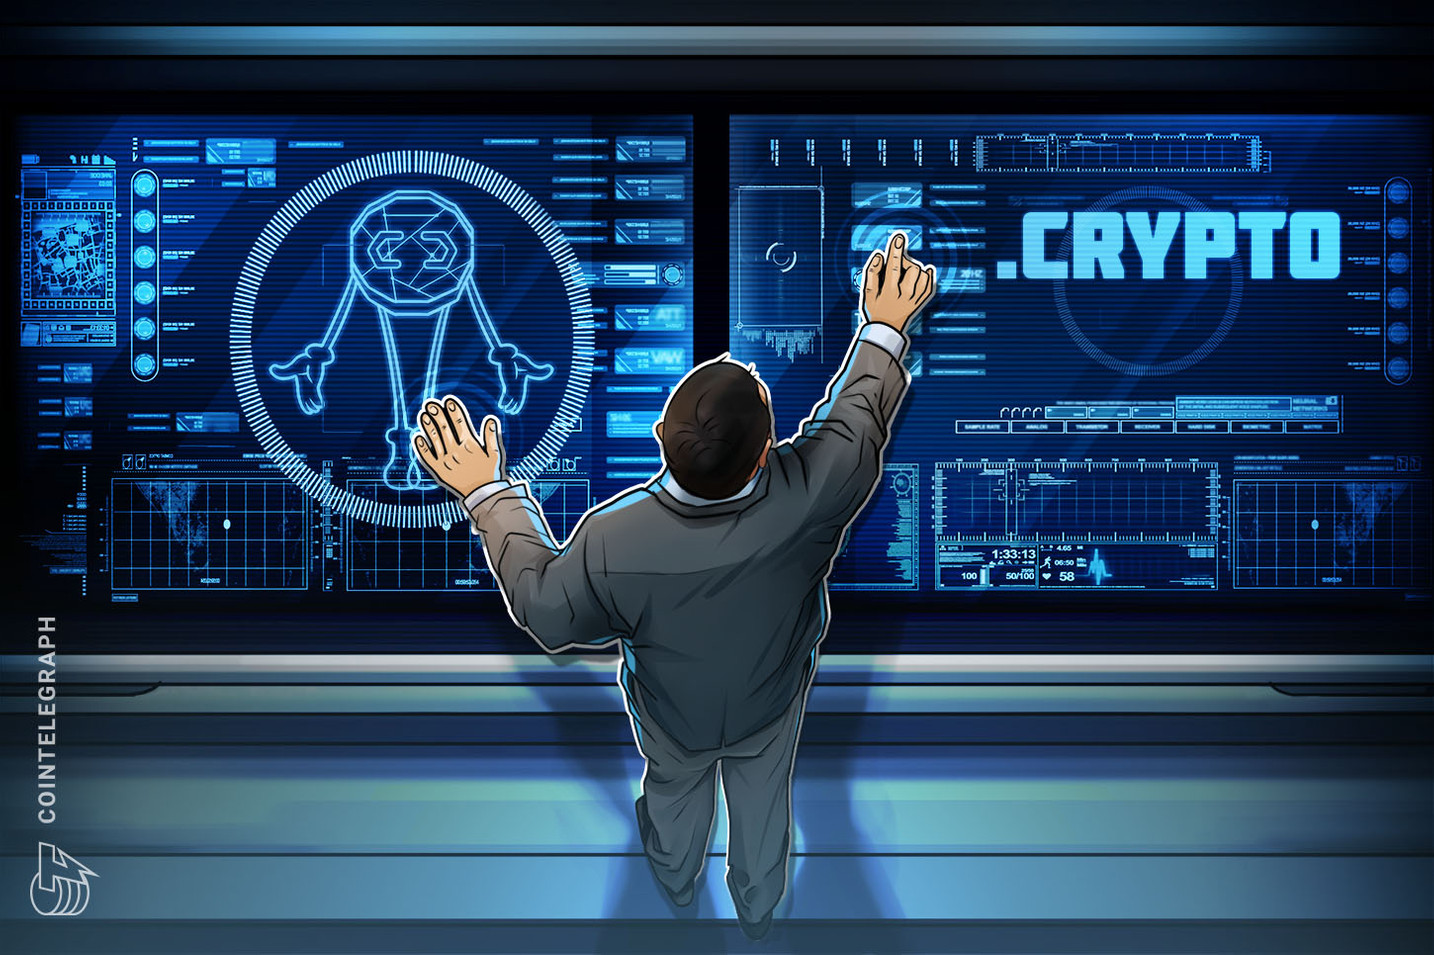 متصفح الويب أوبرا يدمج أسماء نطاق .crypto للمستخدمين على أي جهاز